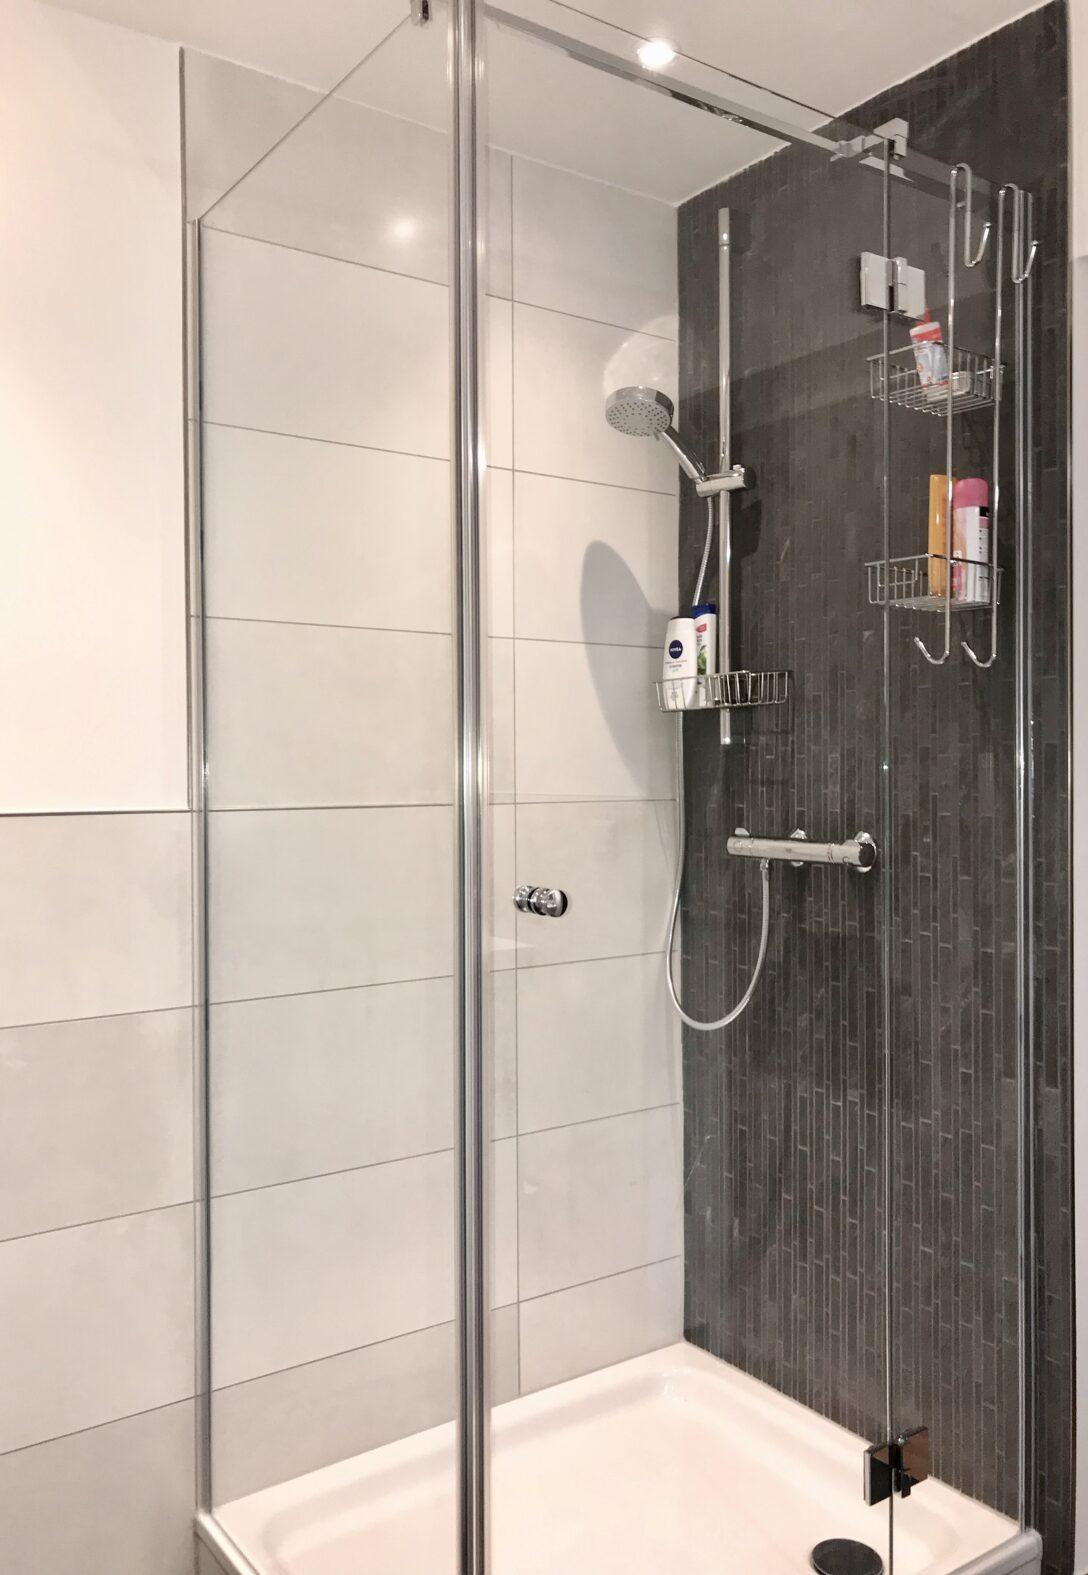 Large Size of Fliesen Dusche Reinigen Hausmittel Schimmel Rutschfeste Naturstein Bad Mosaik Dunkle Versiegeln Rutschfestigkeitsklassen Boden Mit Rutschhemmung Badezimmer Dusche Fliesen Dusche